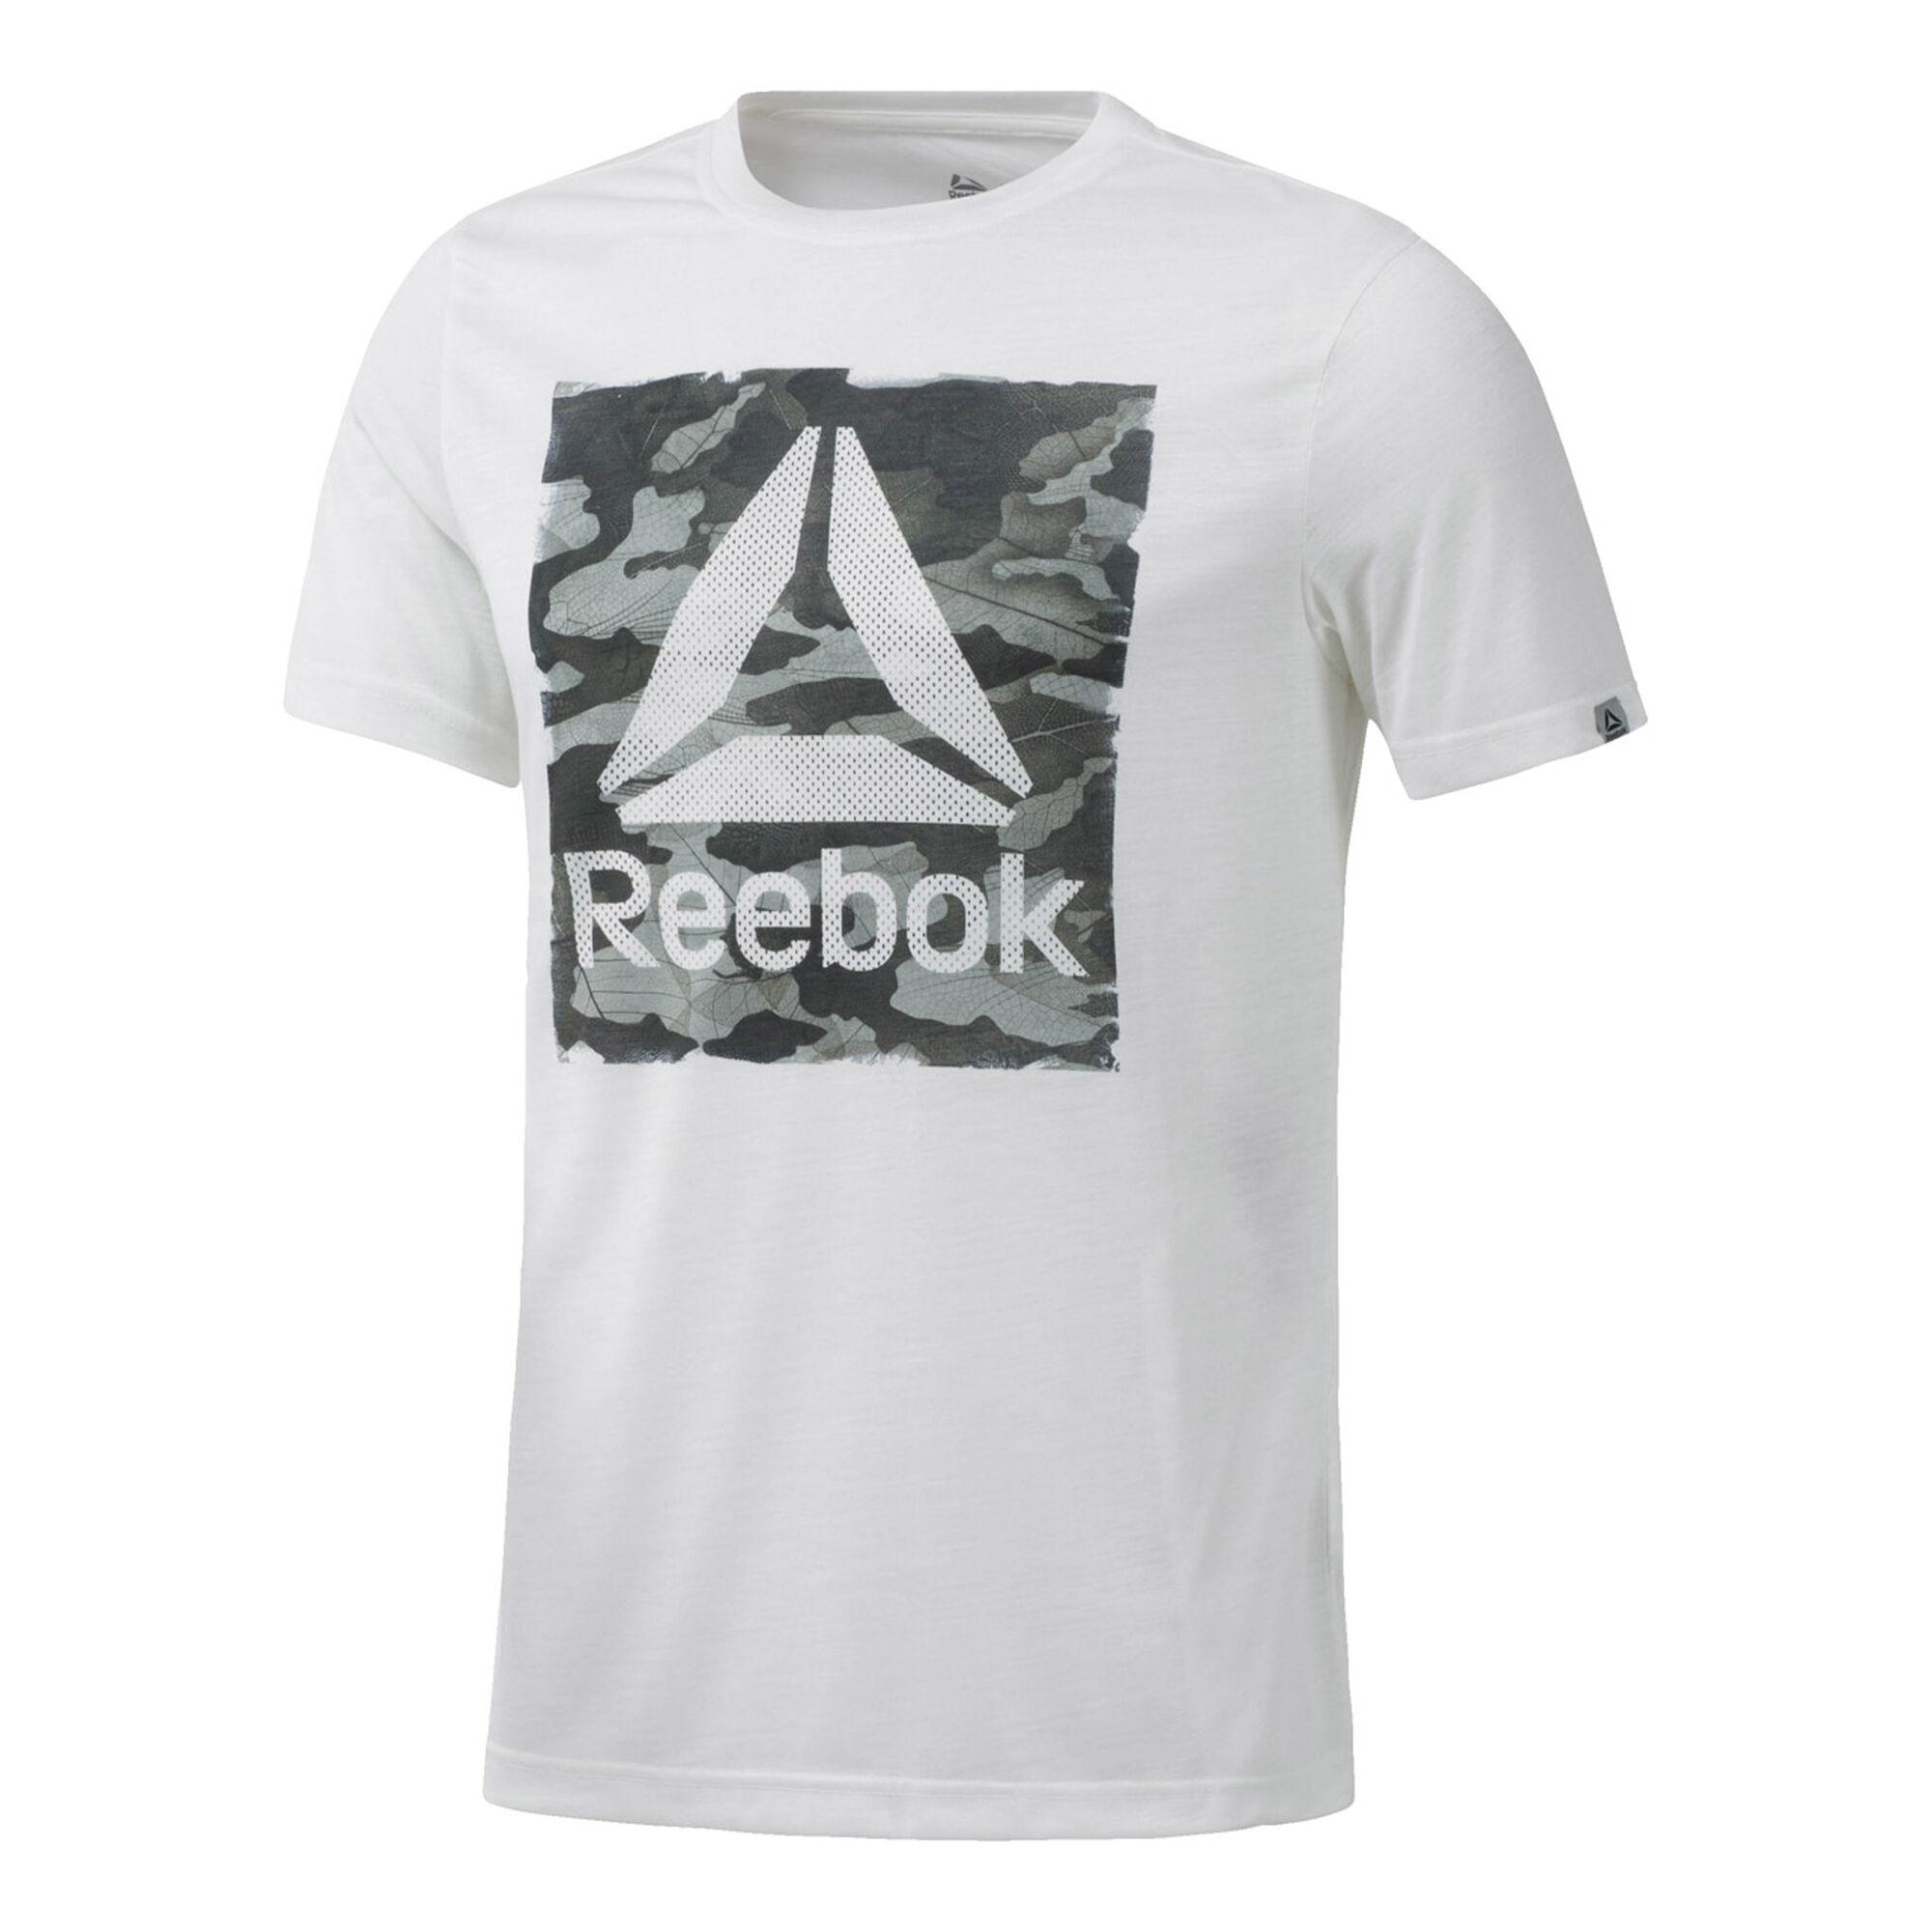 96ad2256909 ... Reebok · Reebok · Reebok · Reebok. Camo Delta Speedwick Crew ...